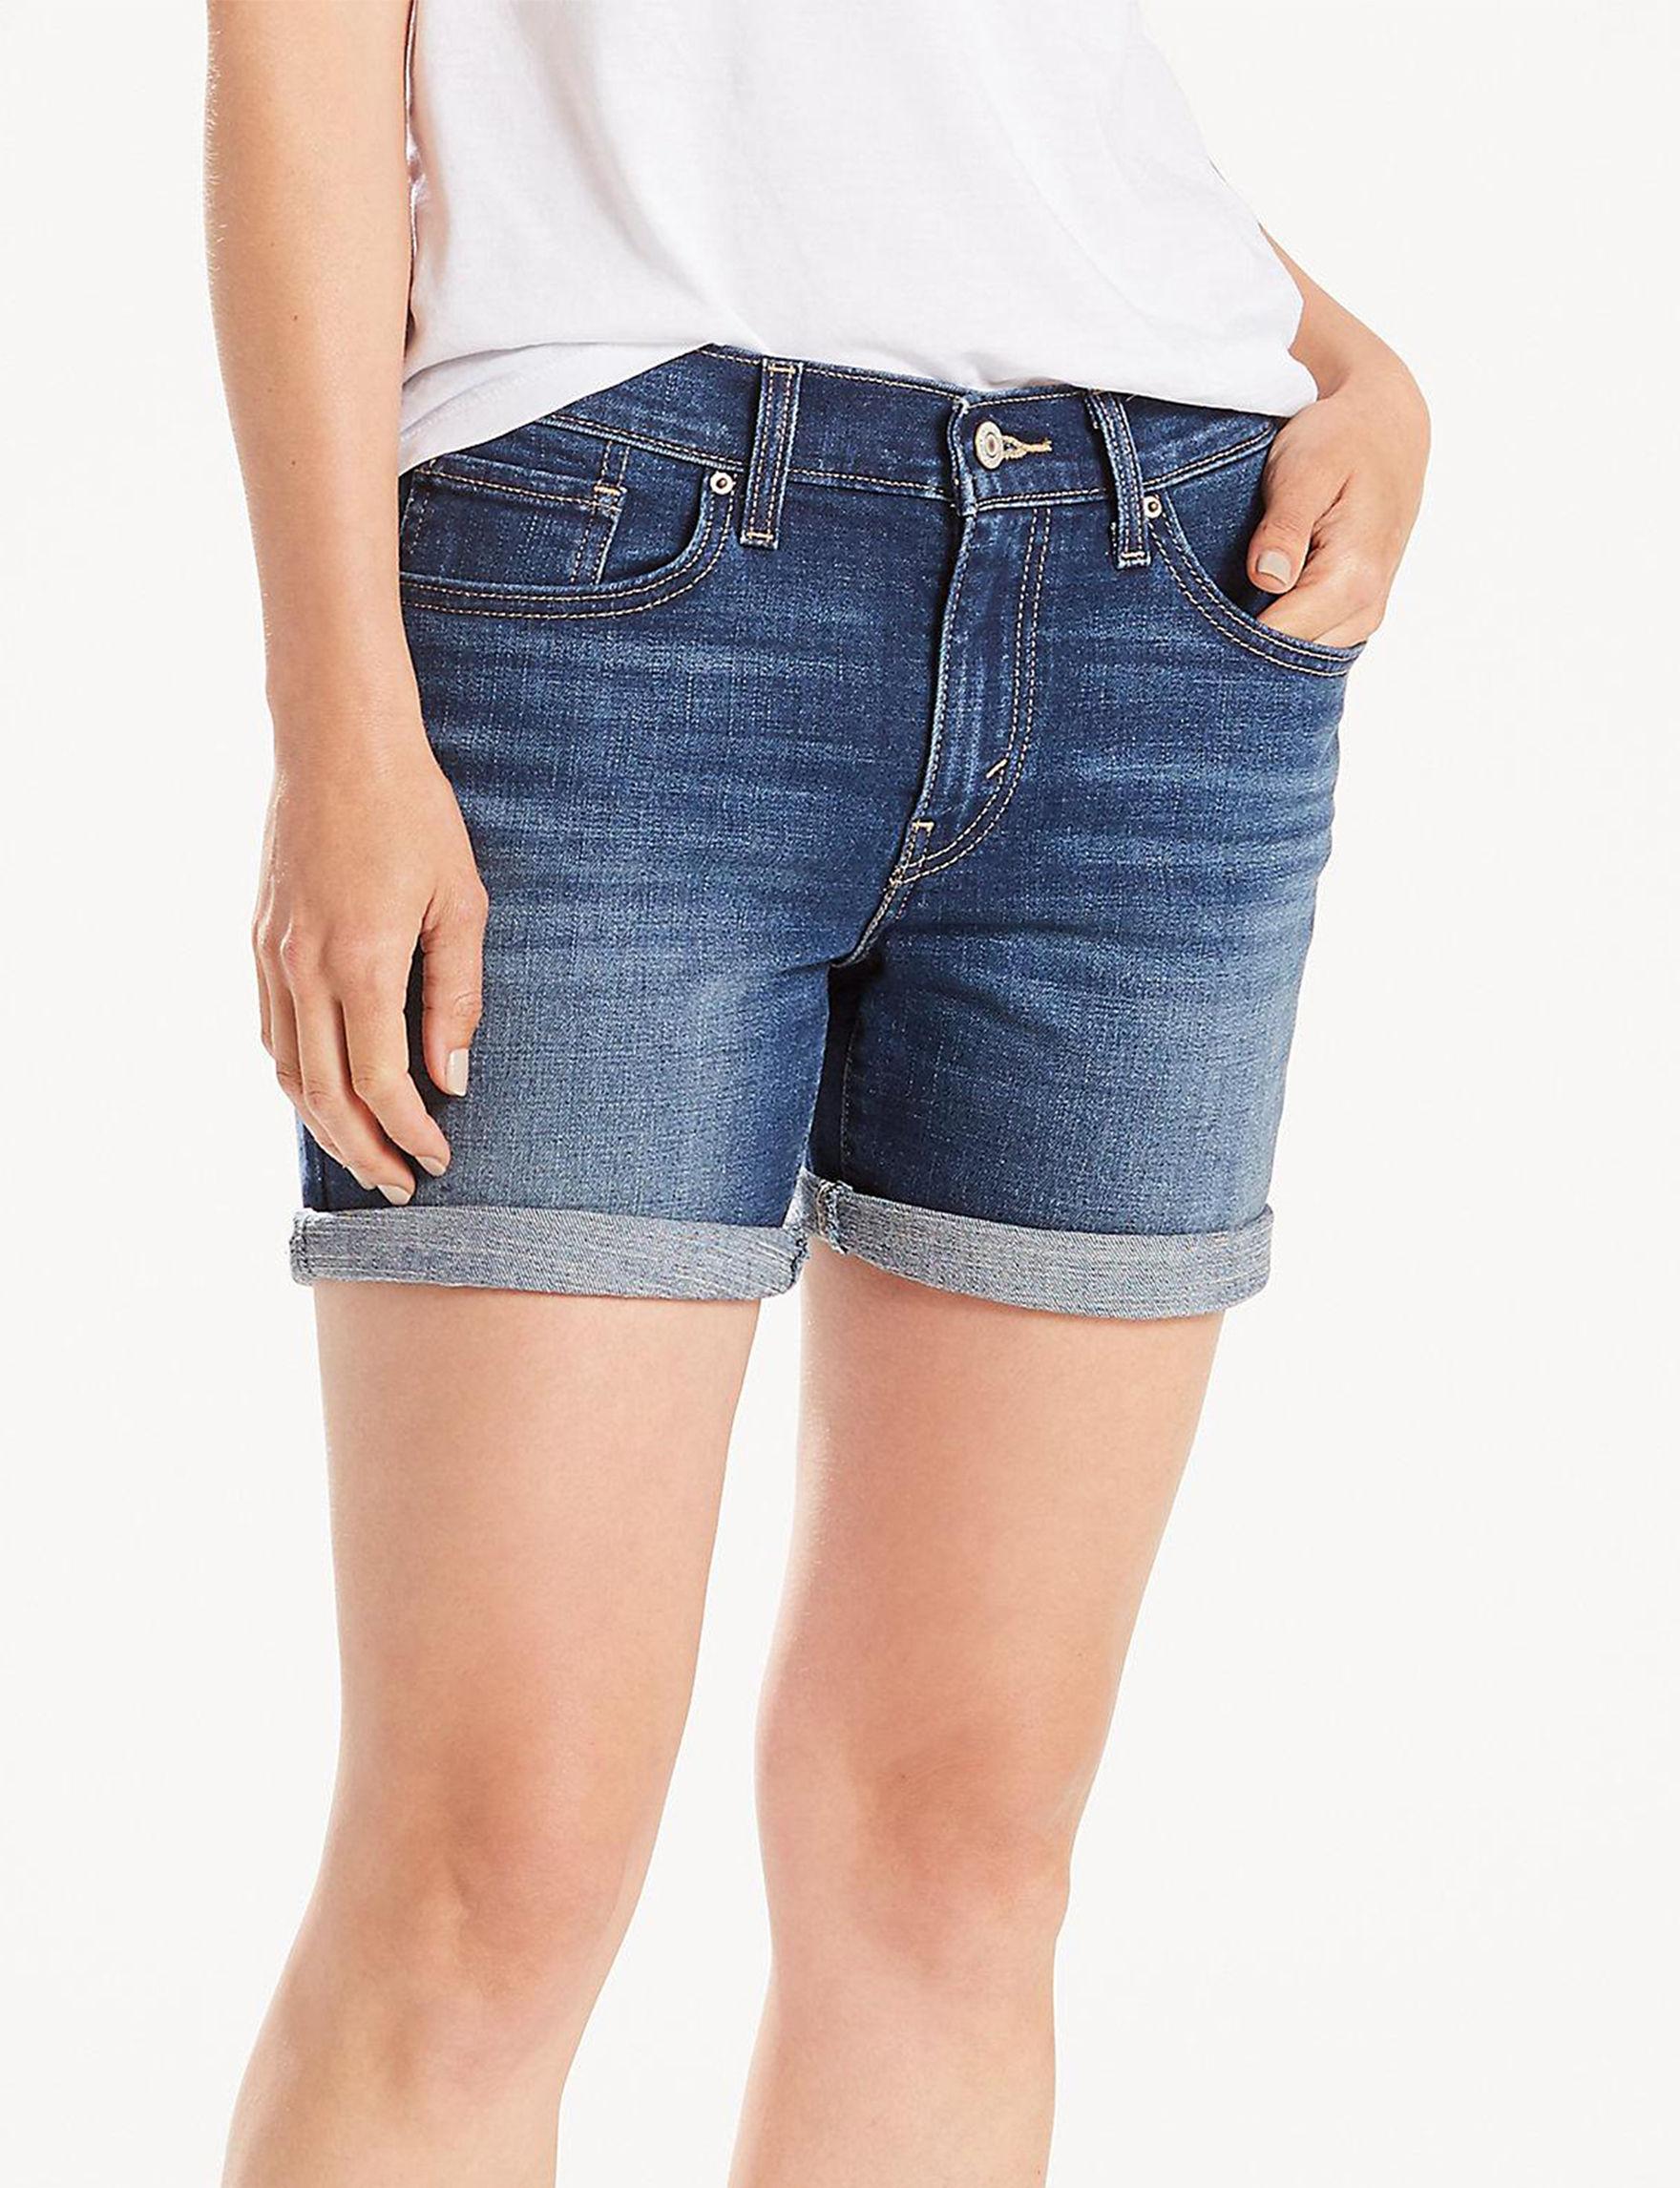 Levi's Medium Blue Denim Shorts